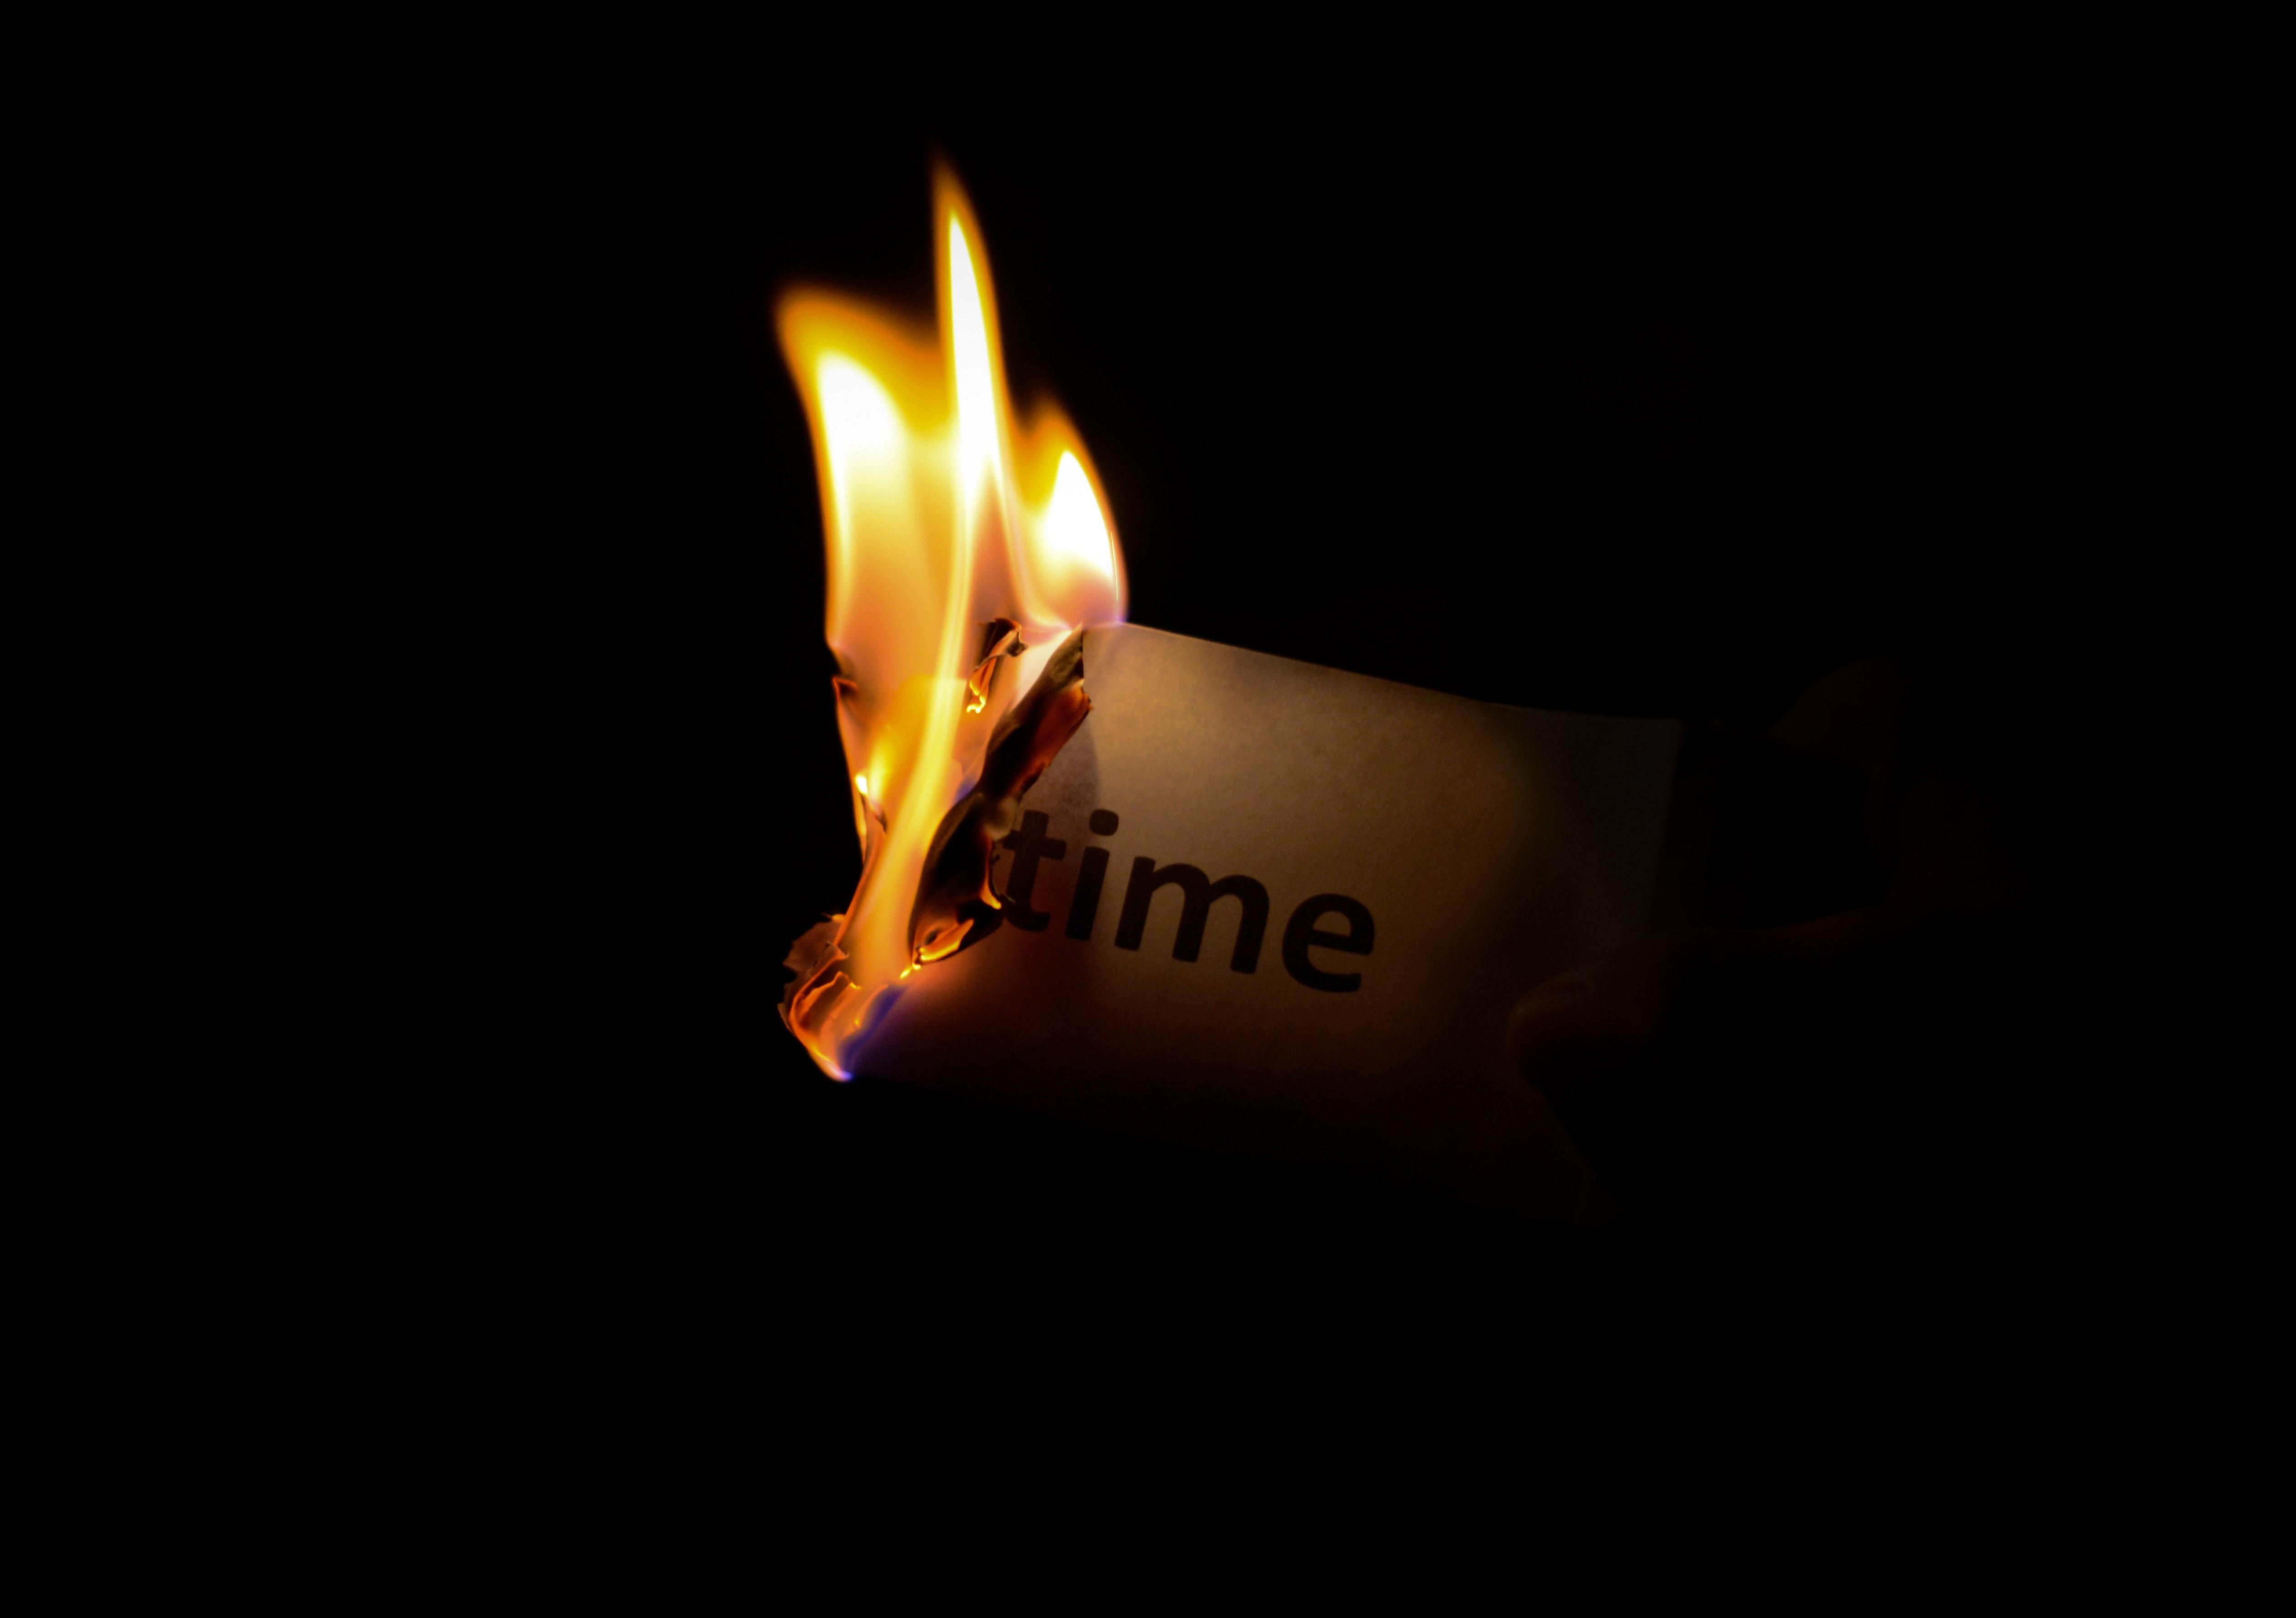 burn-dark-fire-33930.jpg